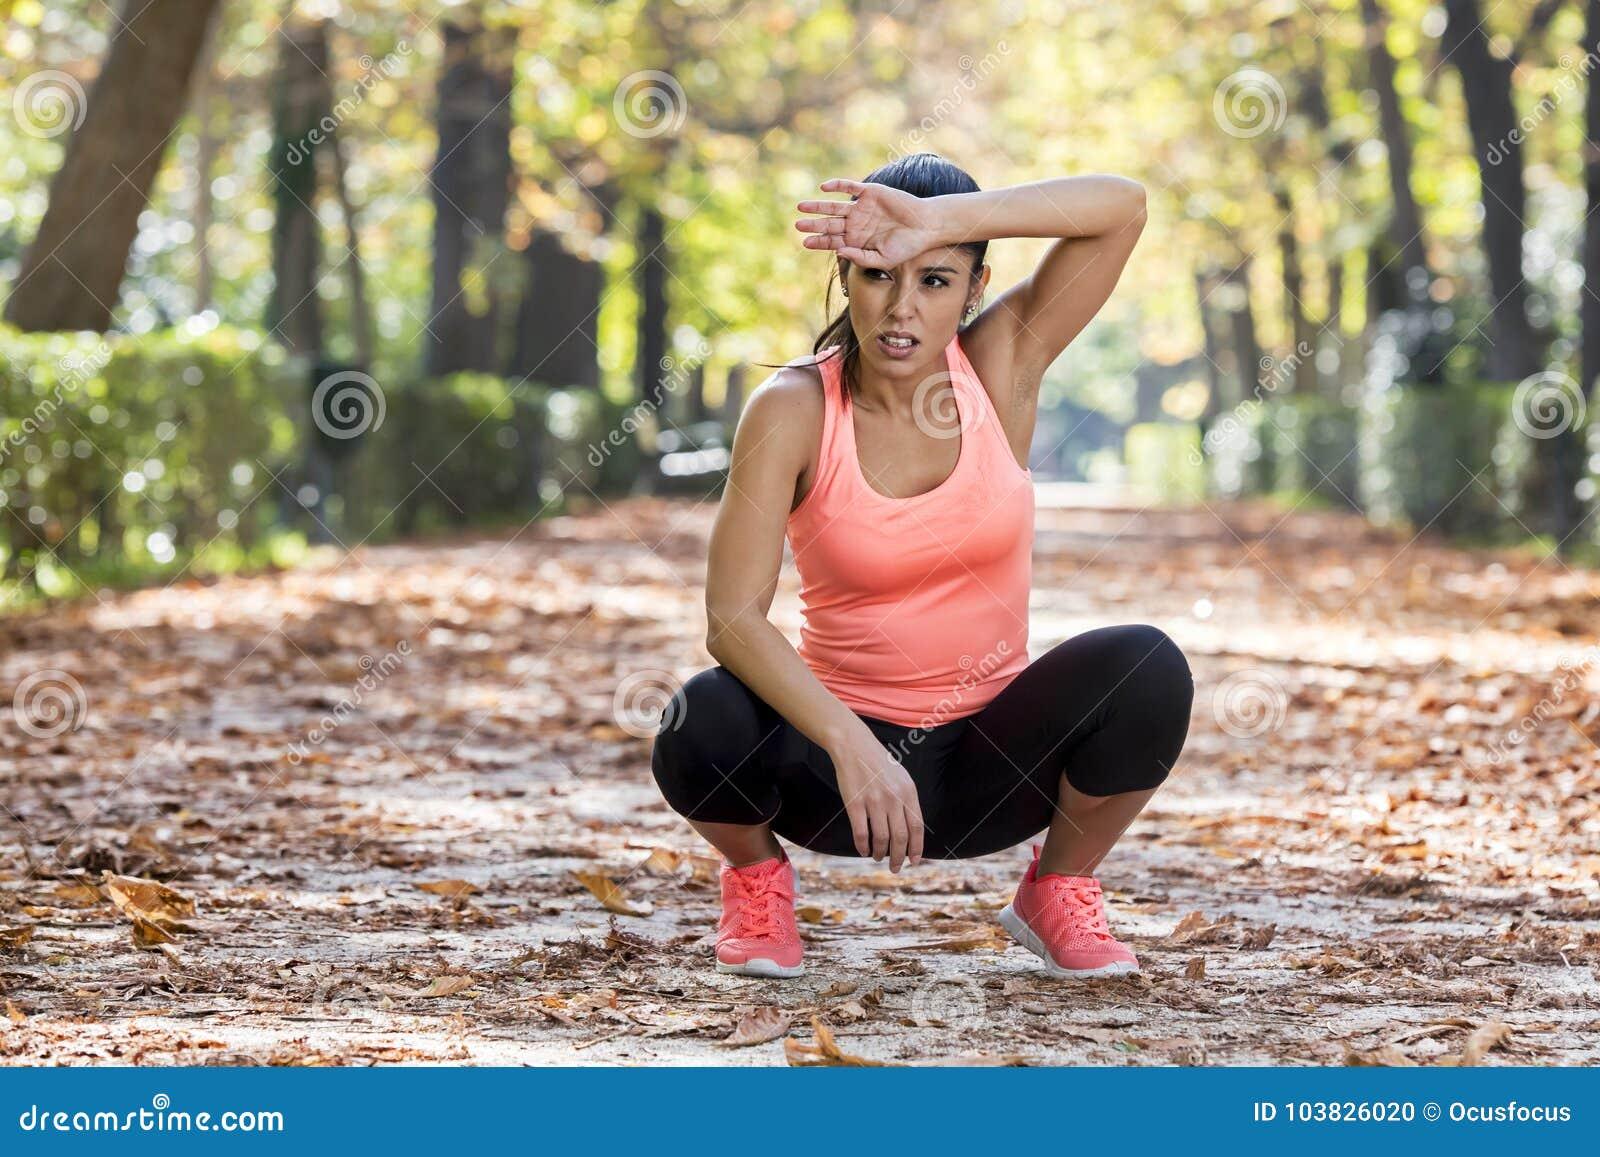 赛跑者运动服呼吸的喘气和的在Autu的连续锻炼以后疲倦和被用尽的休假可爱的体育妇女